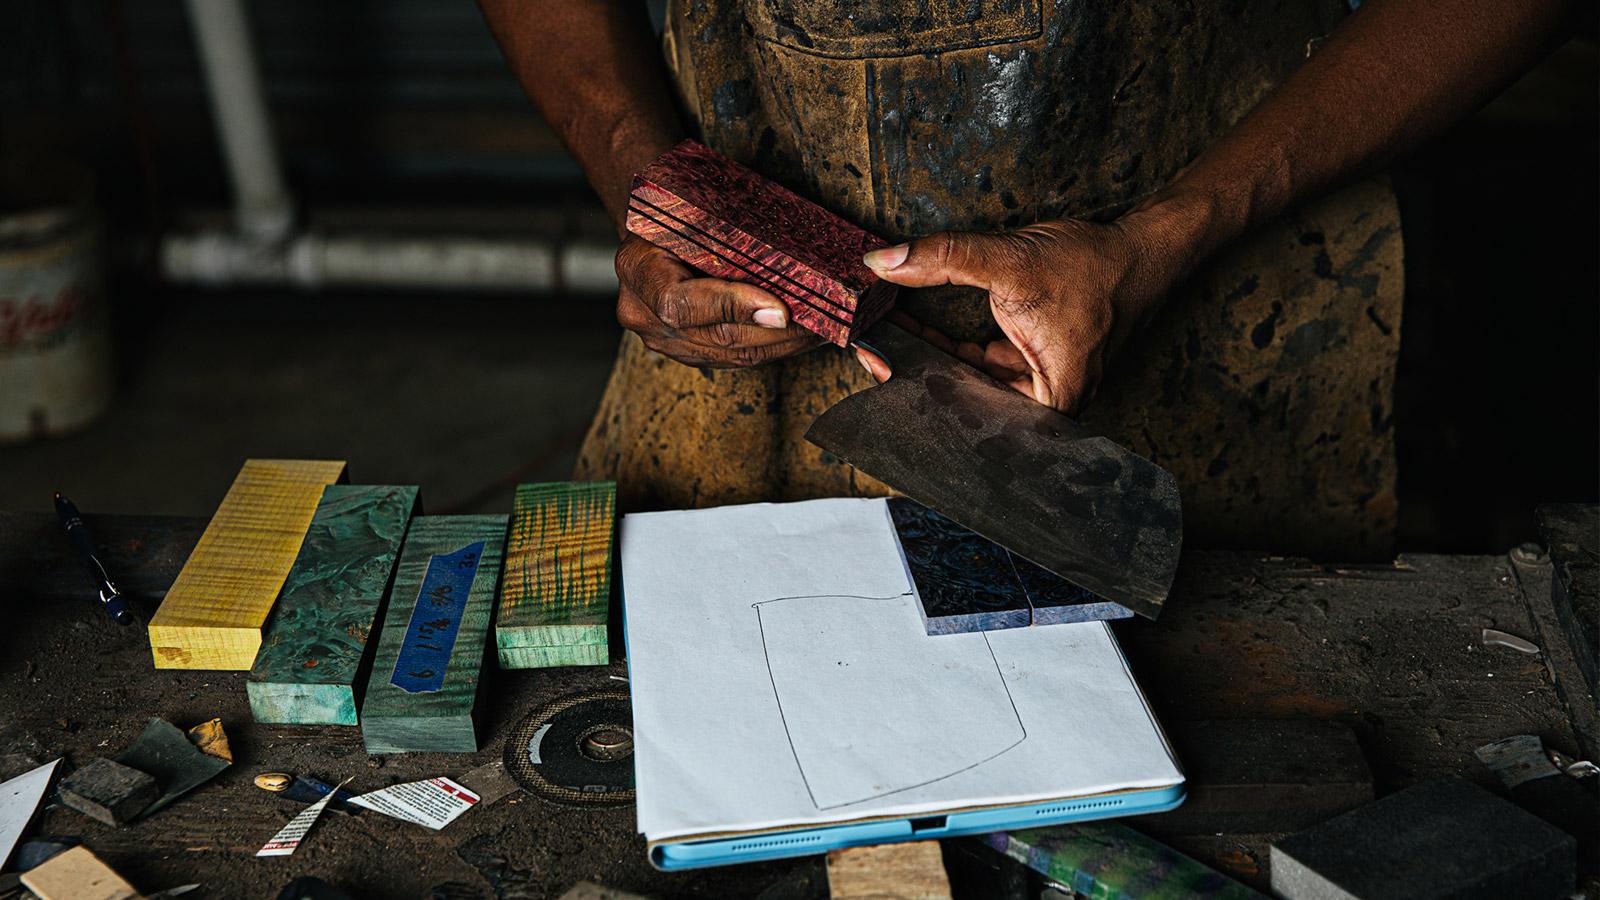 Man making knife